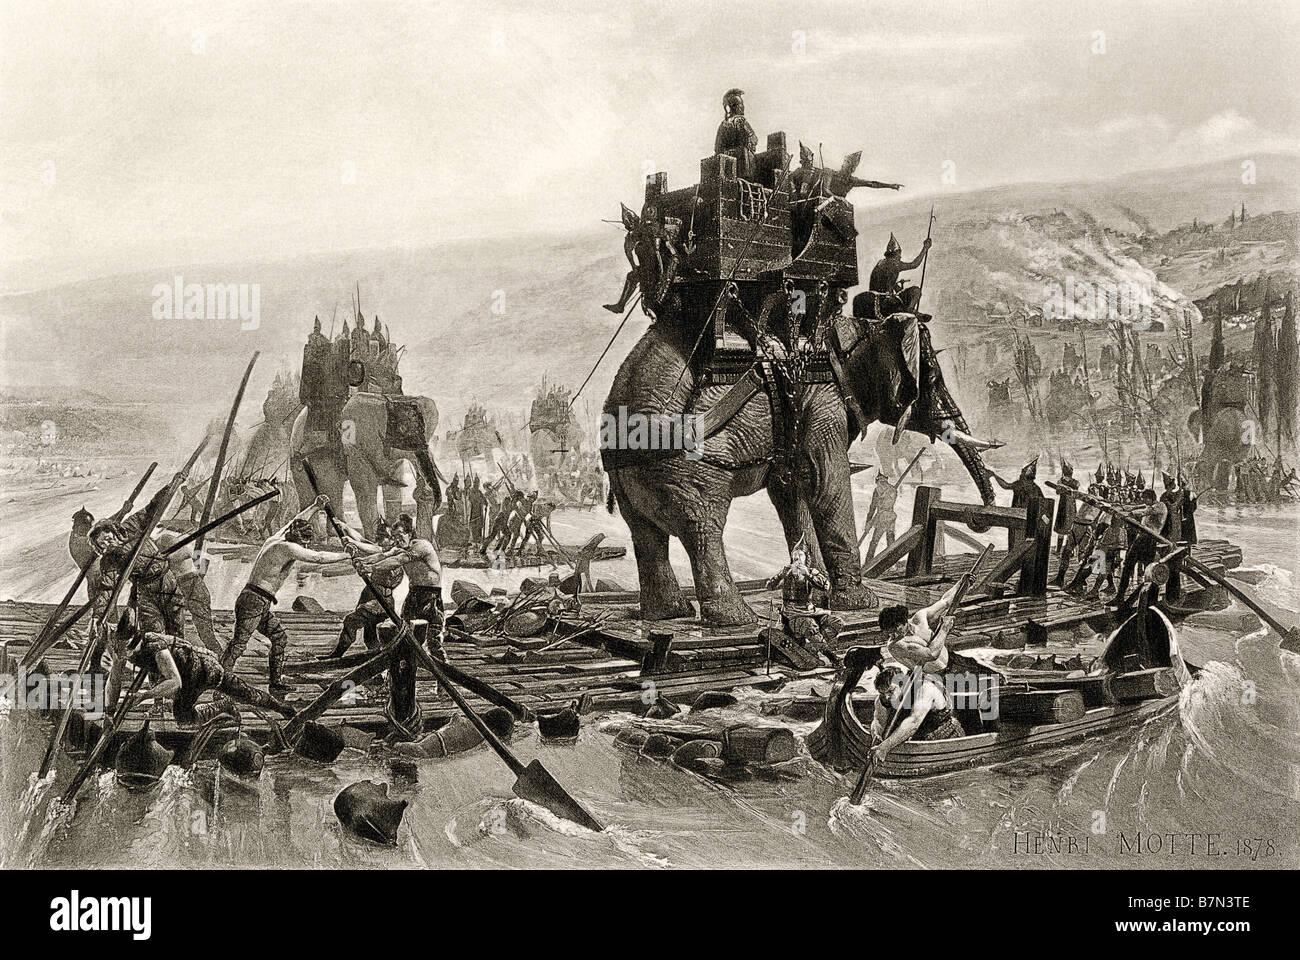 L'armée d'Hannibal traversant le Rhône en Gaule pour attaquer Rome par voie des Alpes 218 av. Photo Stock